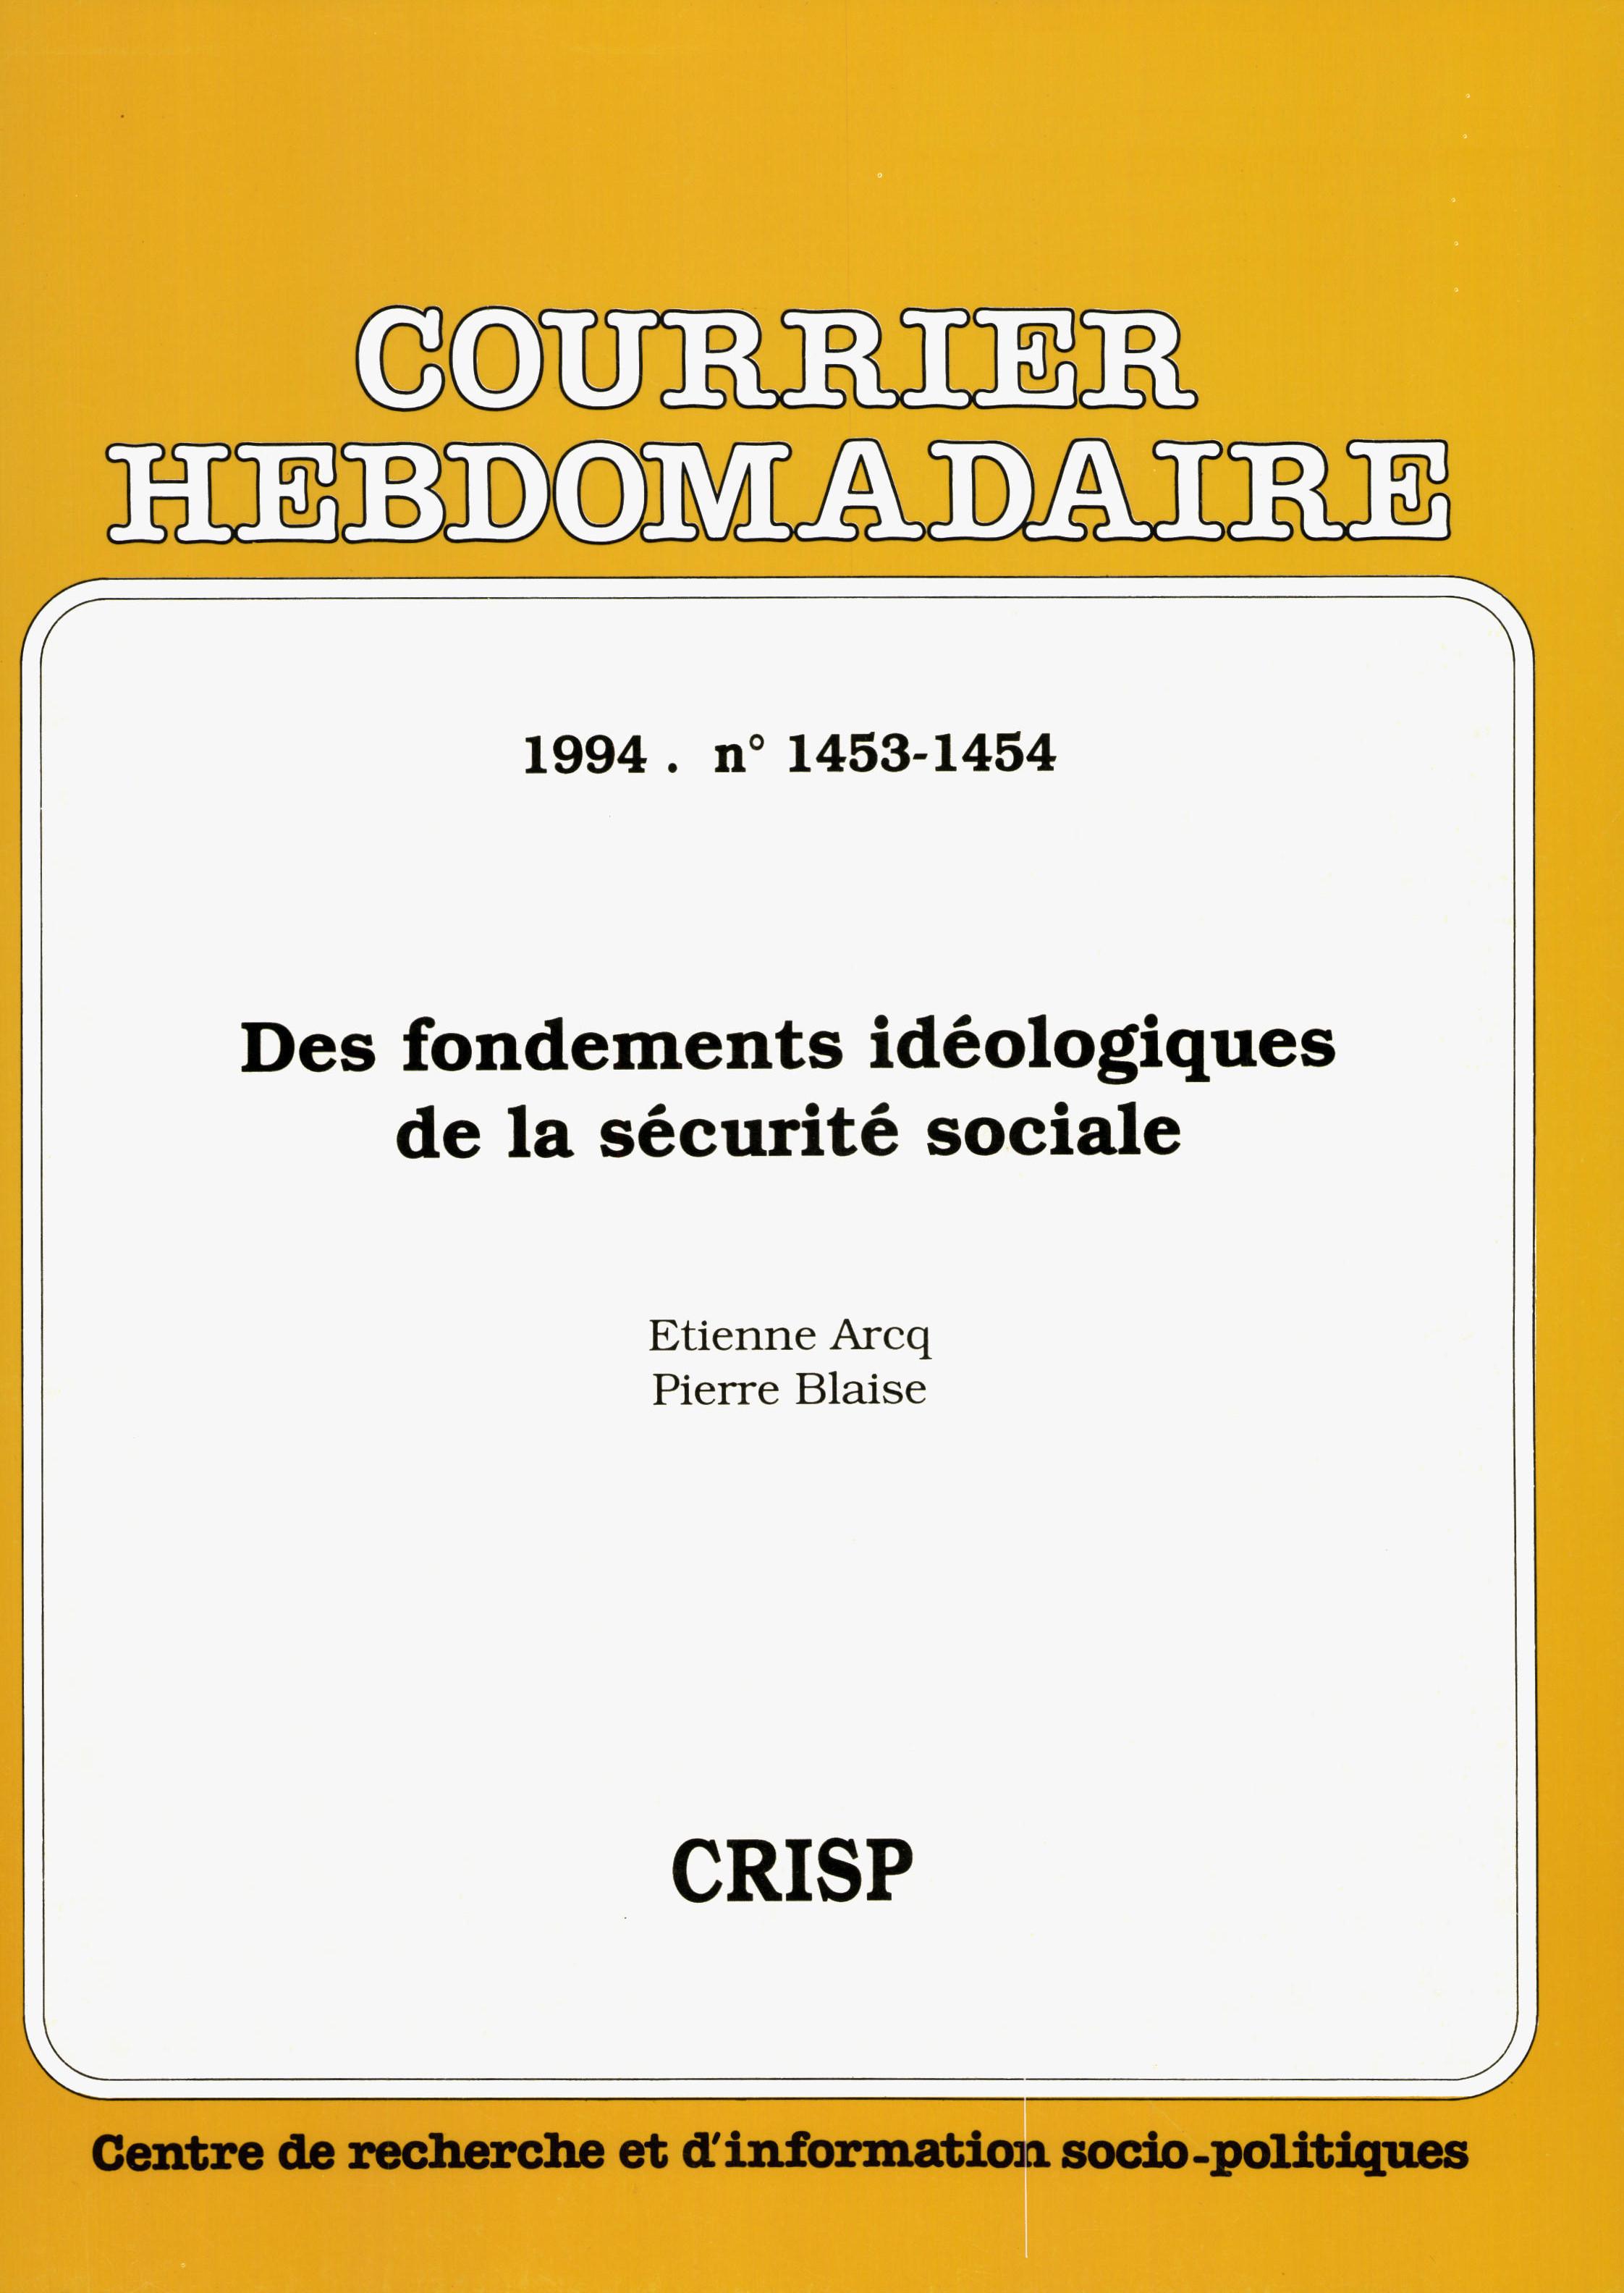 fabc064fe1c Des fondements idéologiques de la sécurité sociale 1944-1960